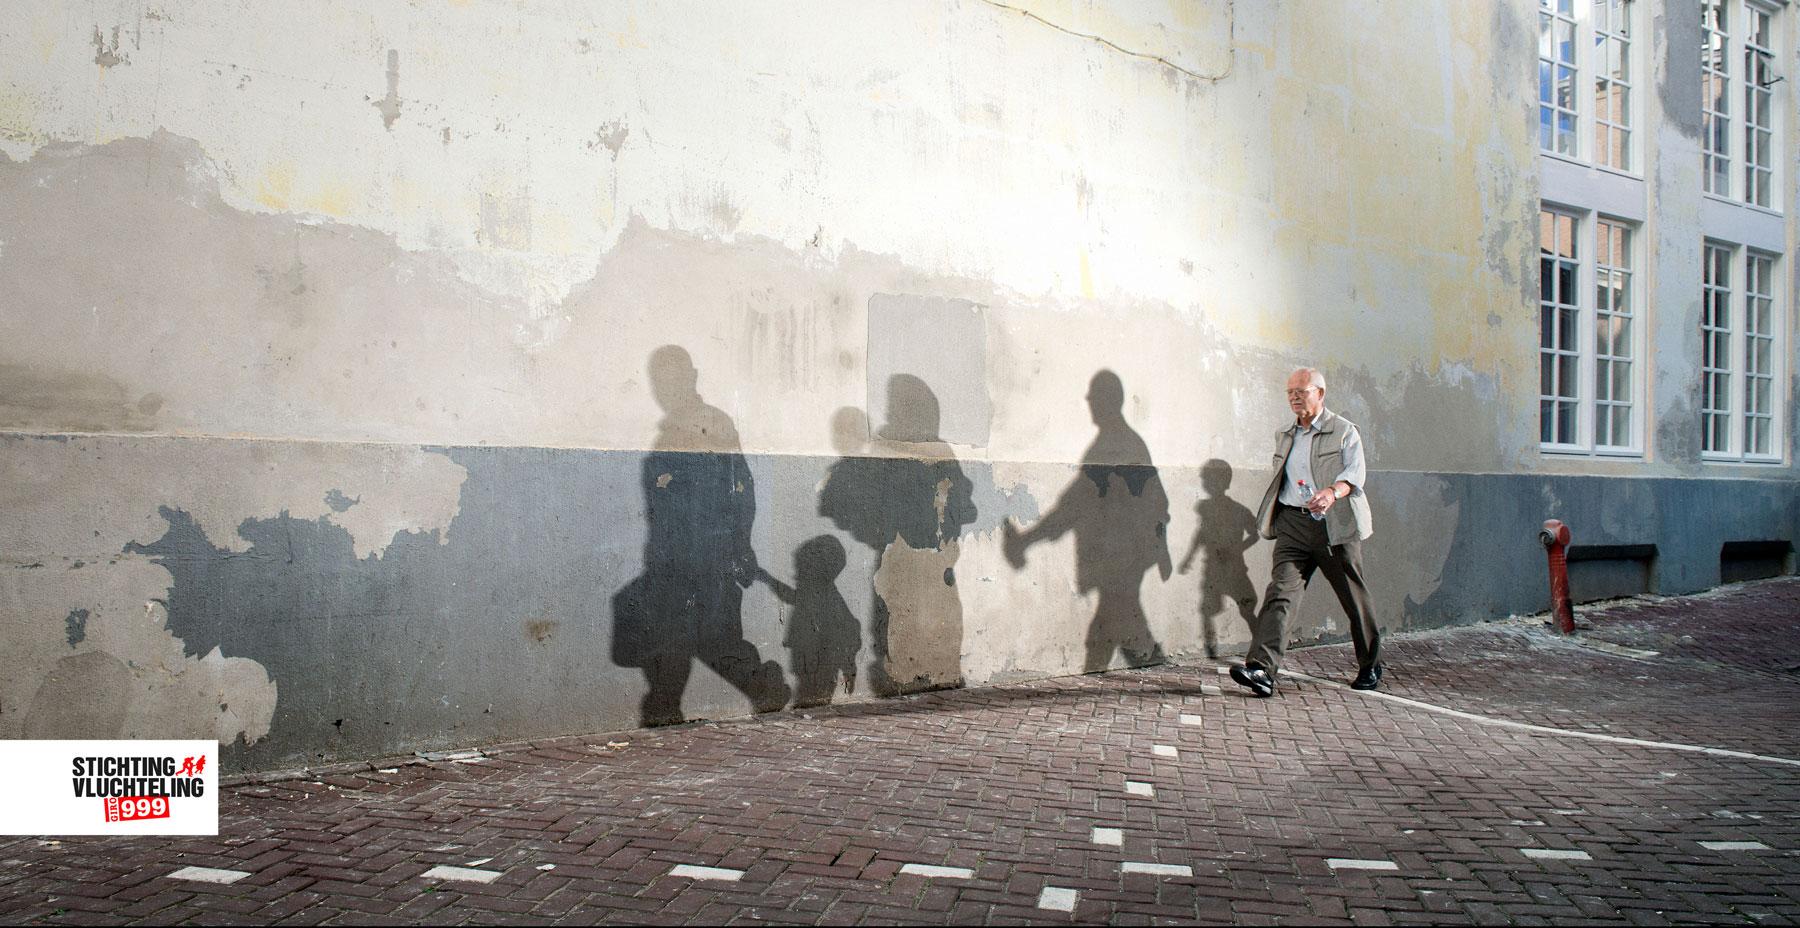 Stichting-Vluchteling-The-Dutch-Refugee-Foundation-1